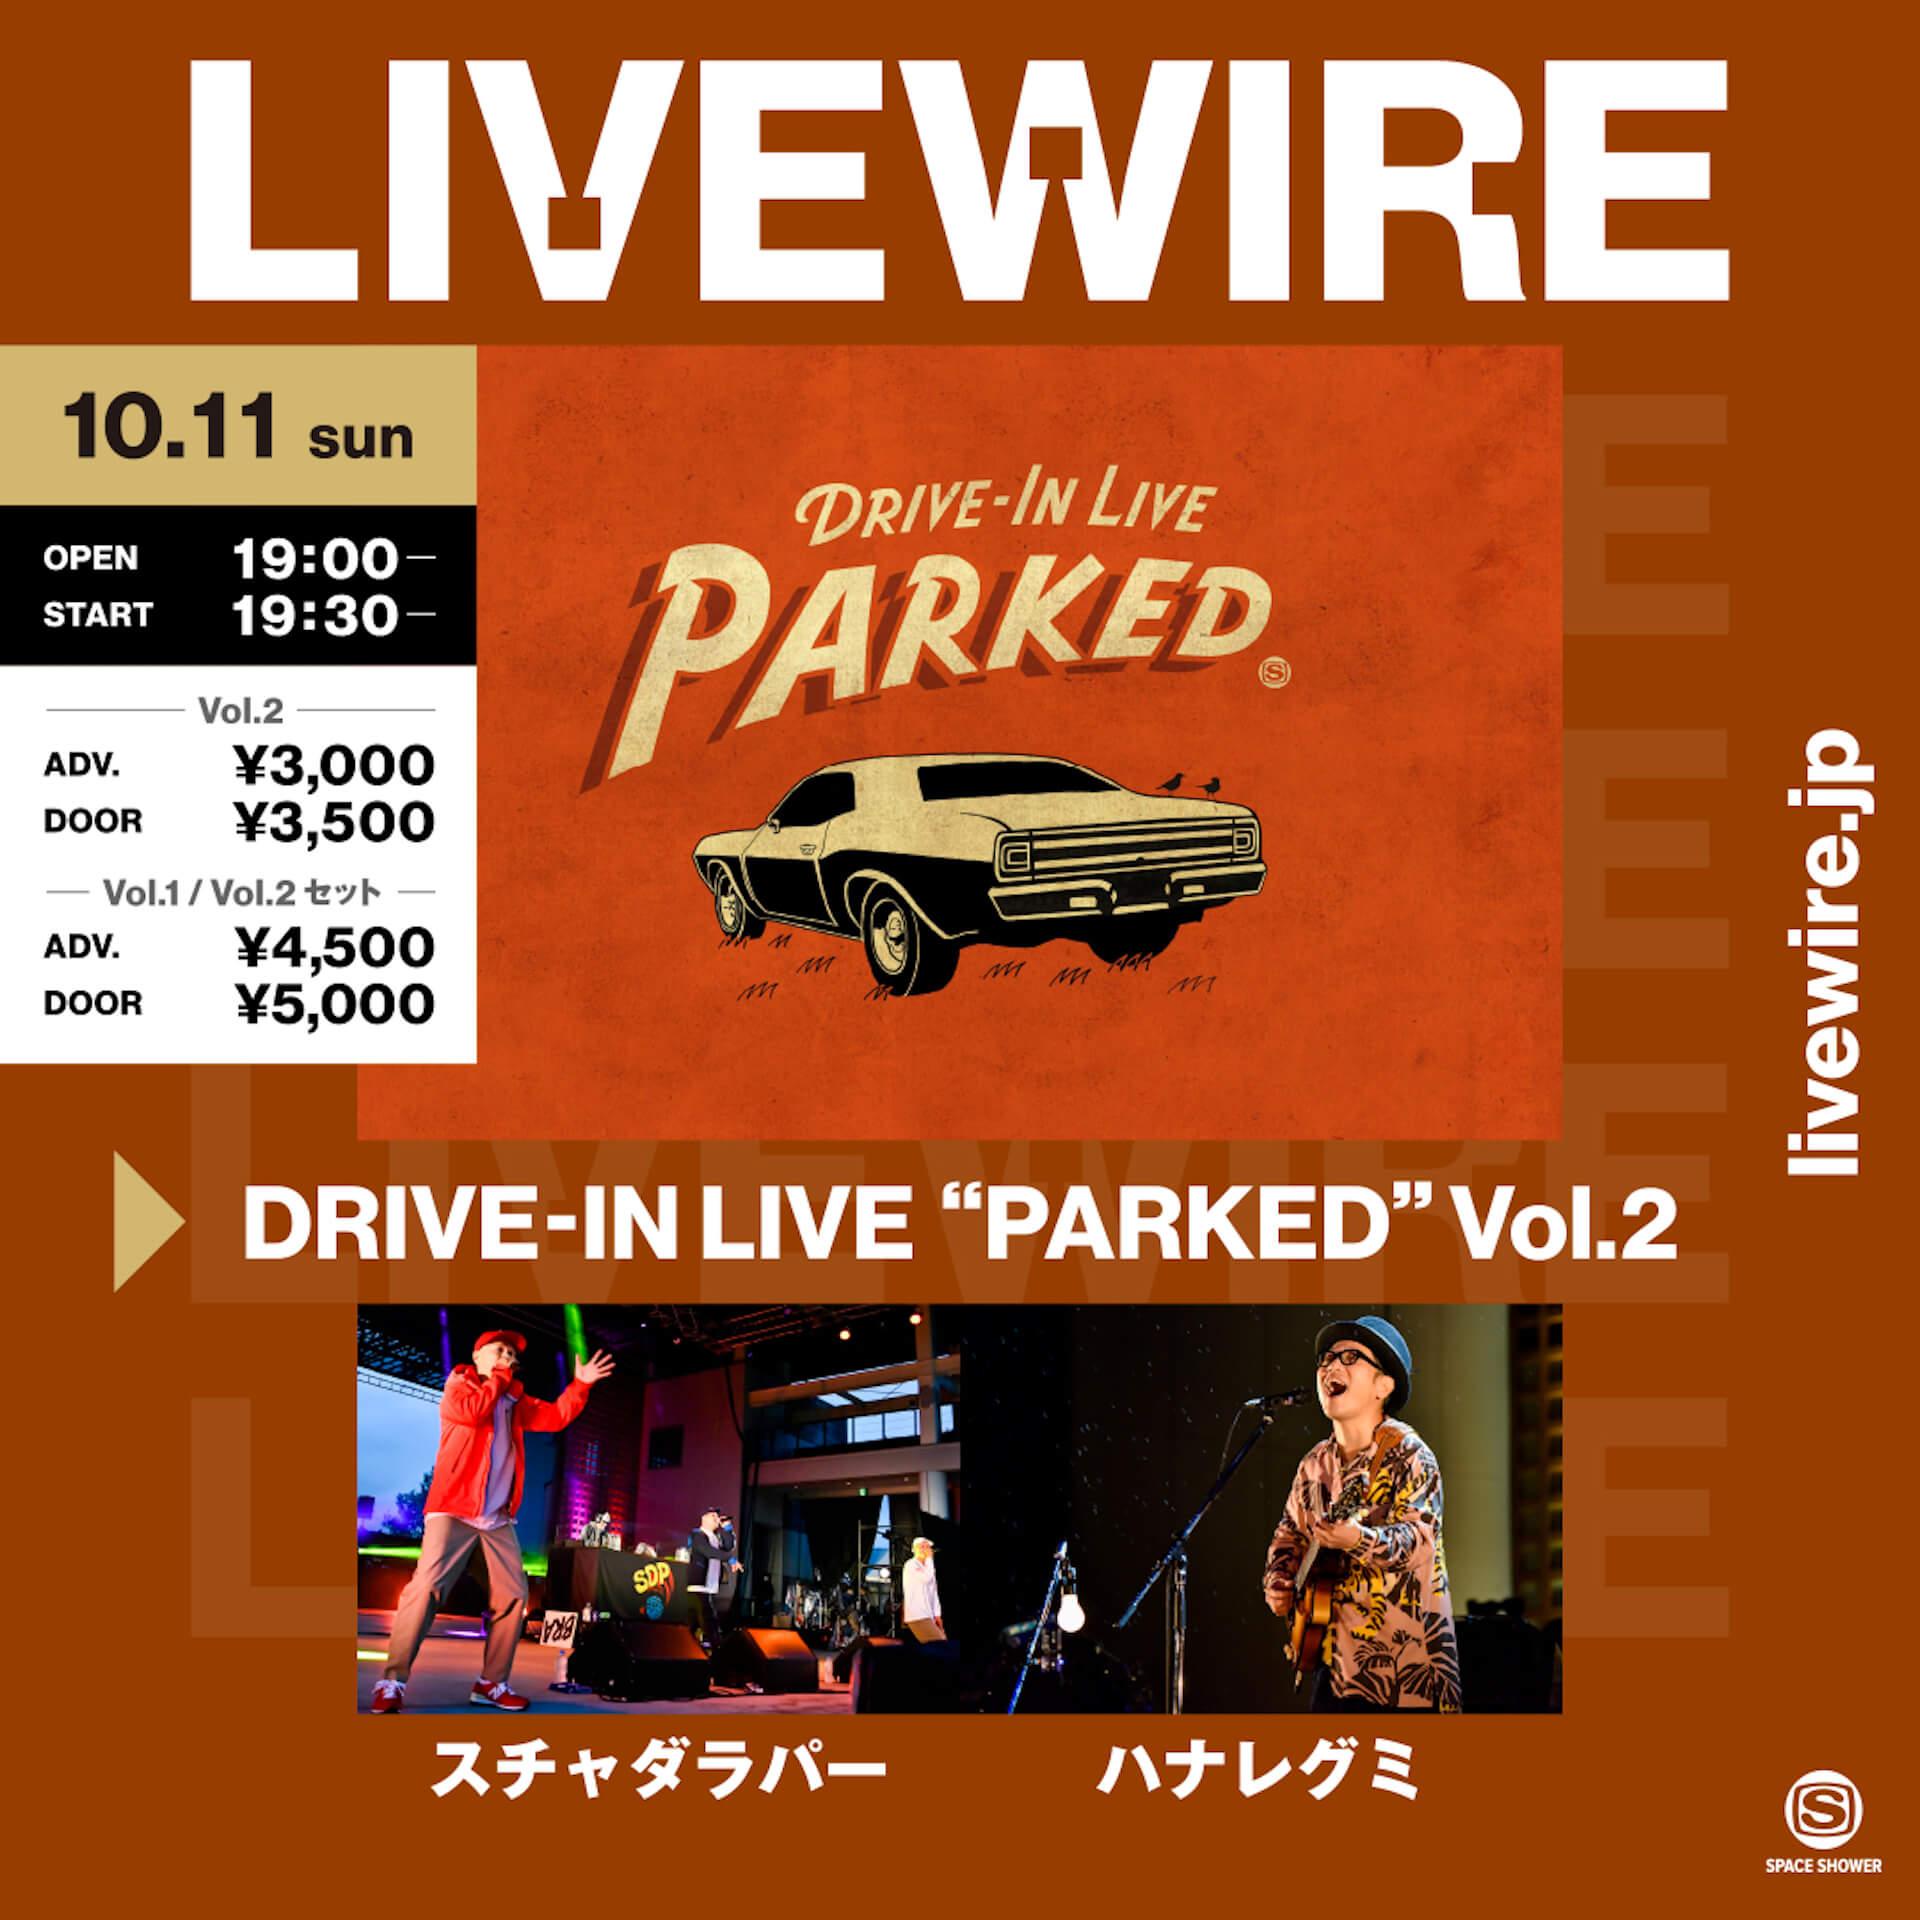 """サニーデイ・サービス、cero、スチャダラパー、ハナレグミが出演 !<DRIVE-IN LIVE """"PARKED"""" Vol.1/2>の模様をLIVEWIREで配信決定 music2020930_livewire_1"""